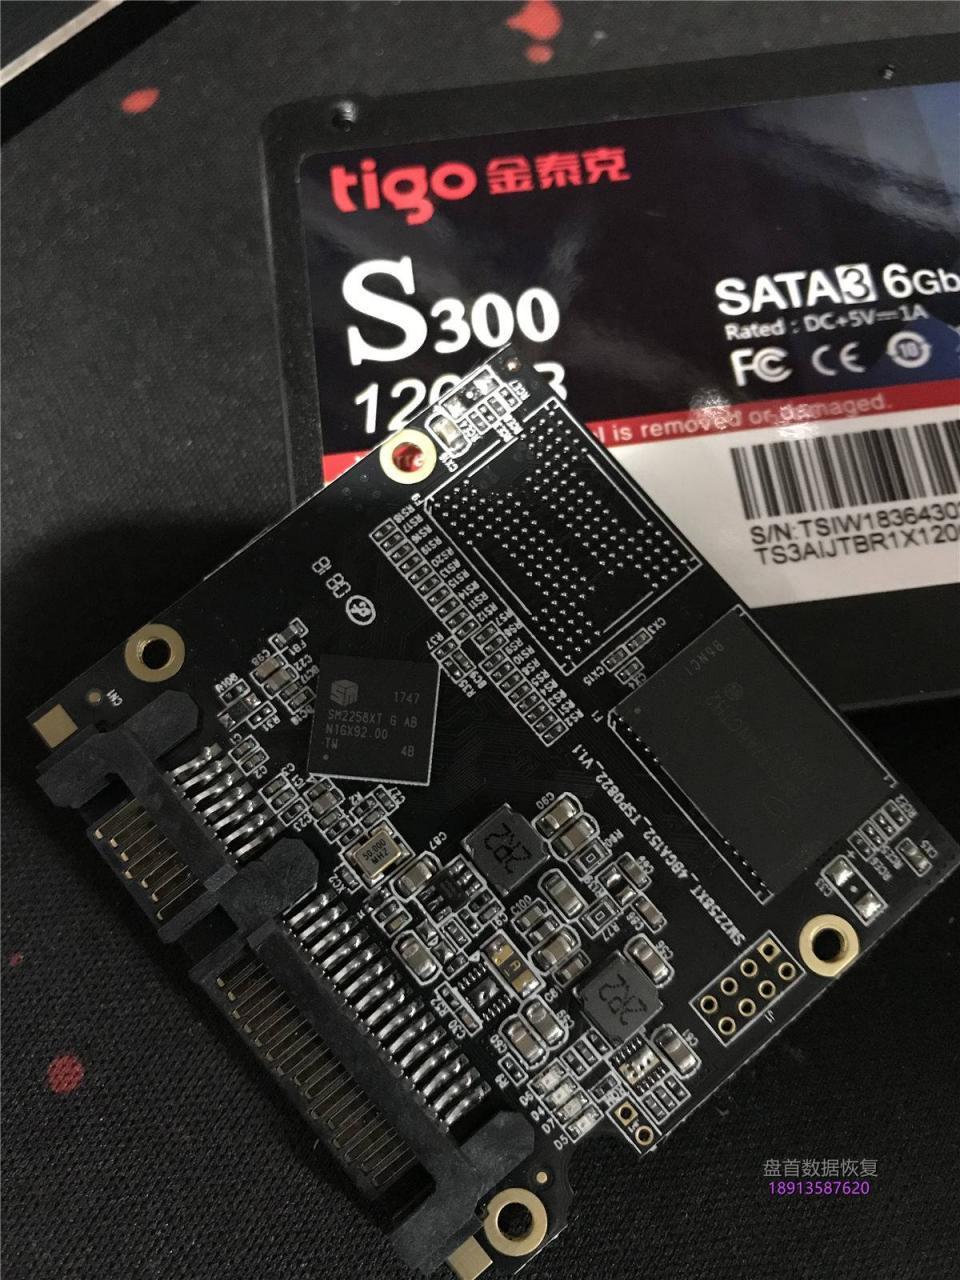 成功恢复SM2258XT主控的金泰克S300固态硬盘无法识别不读盘